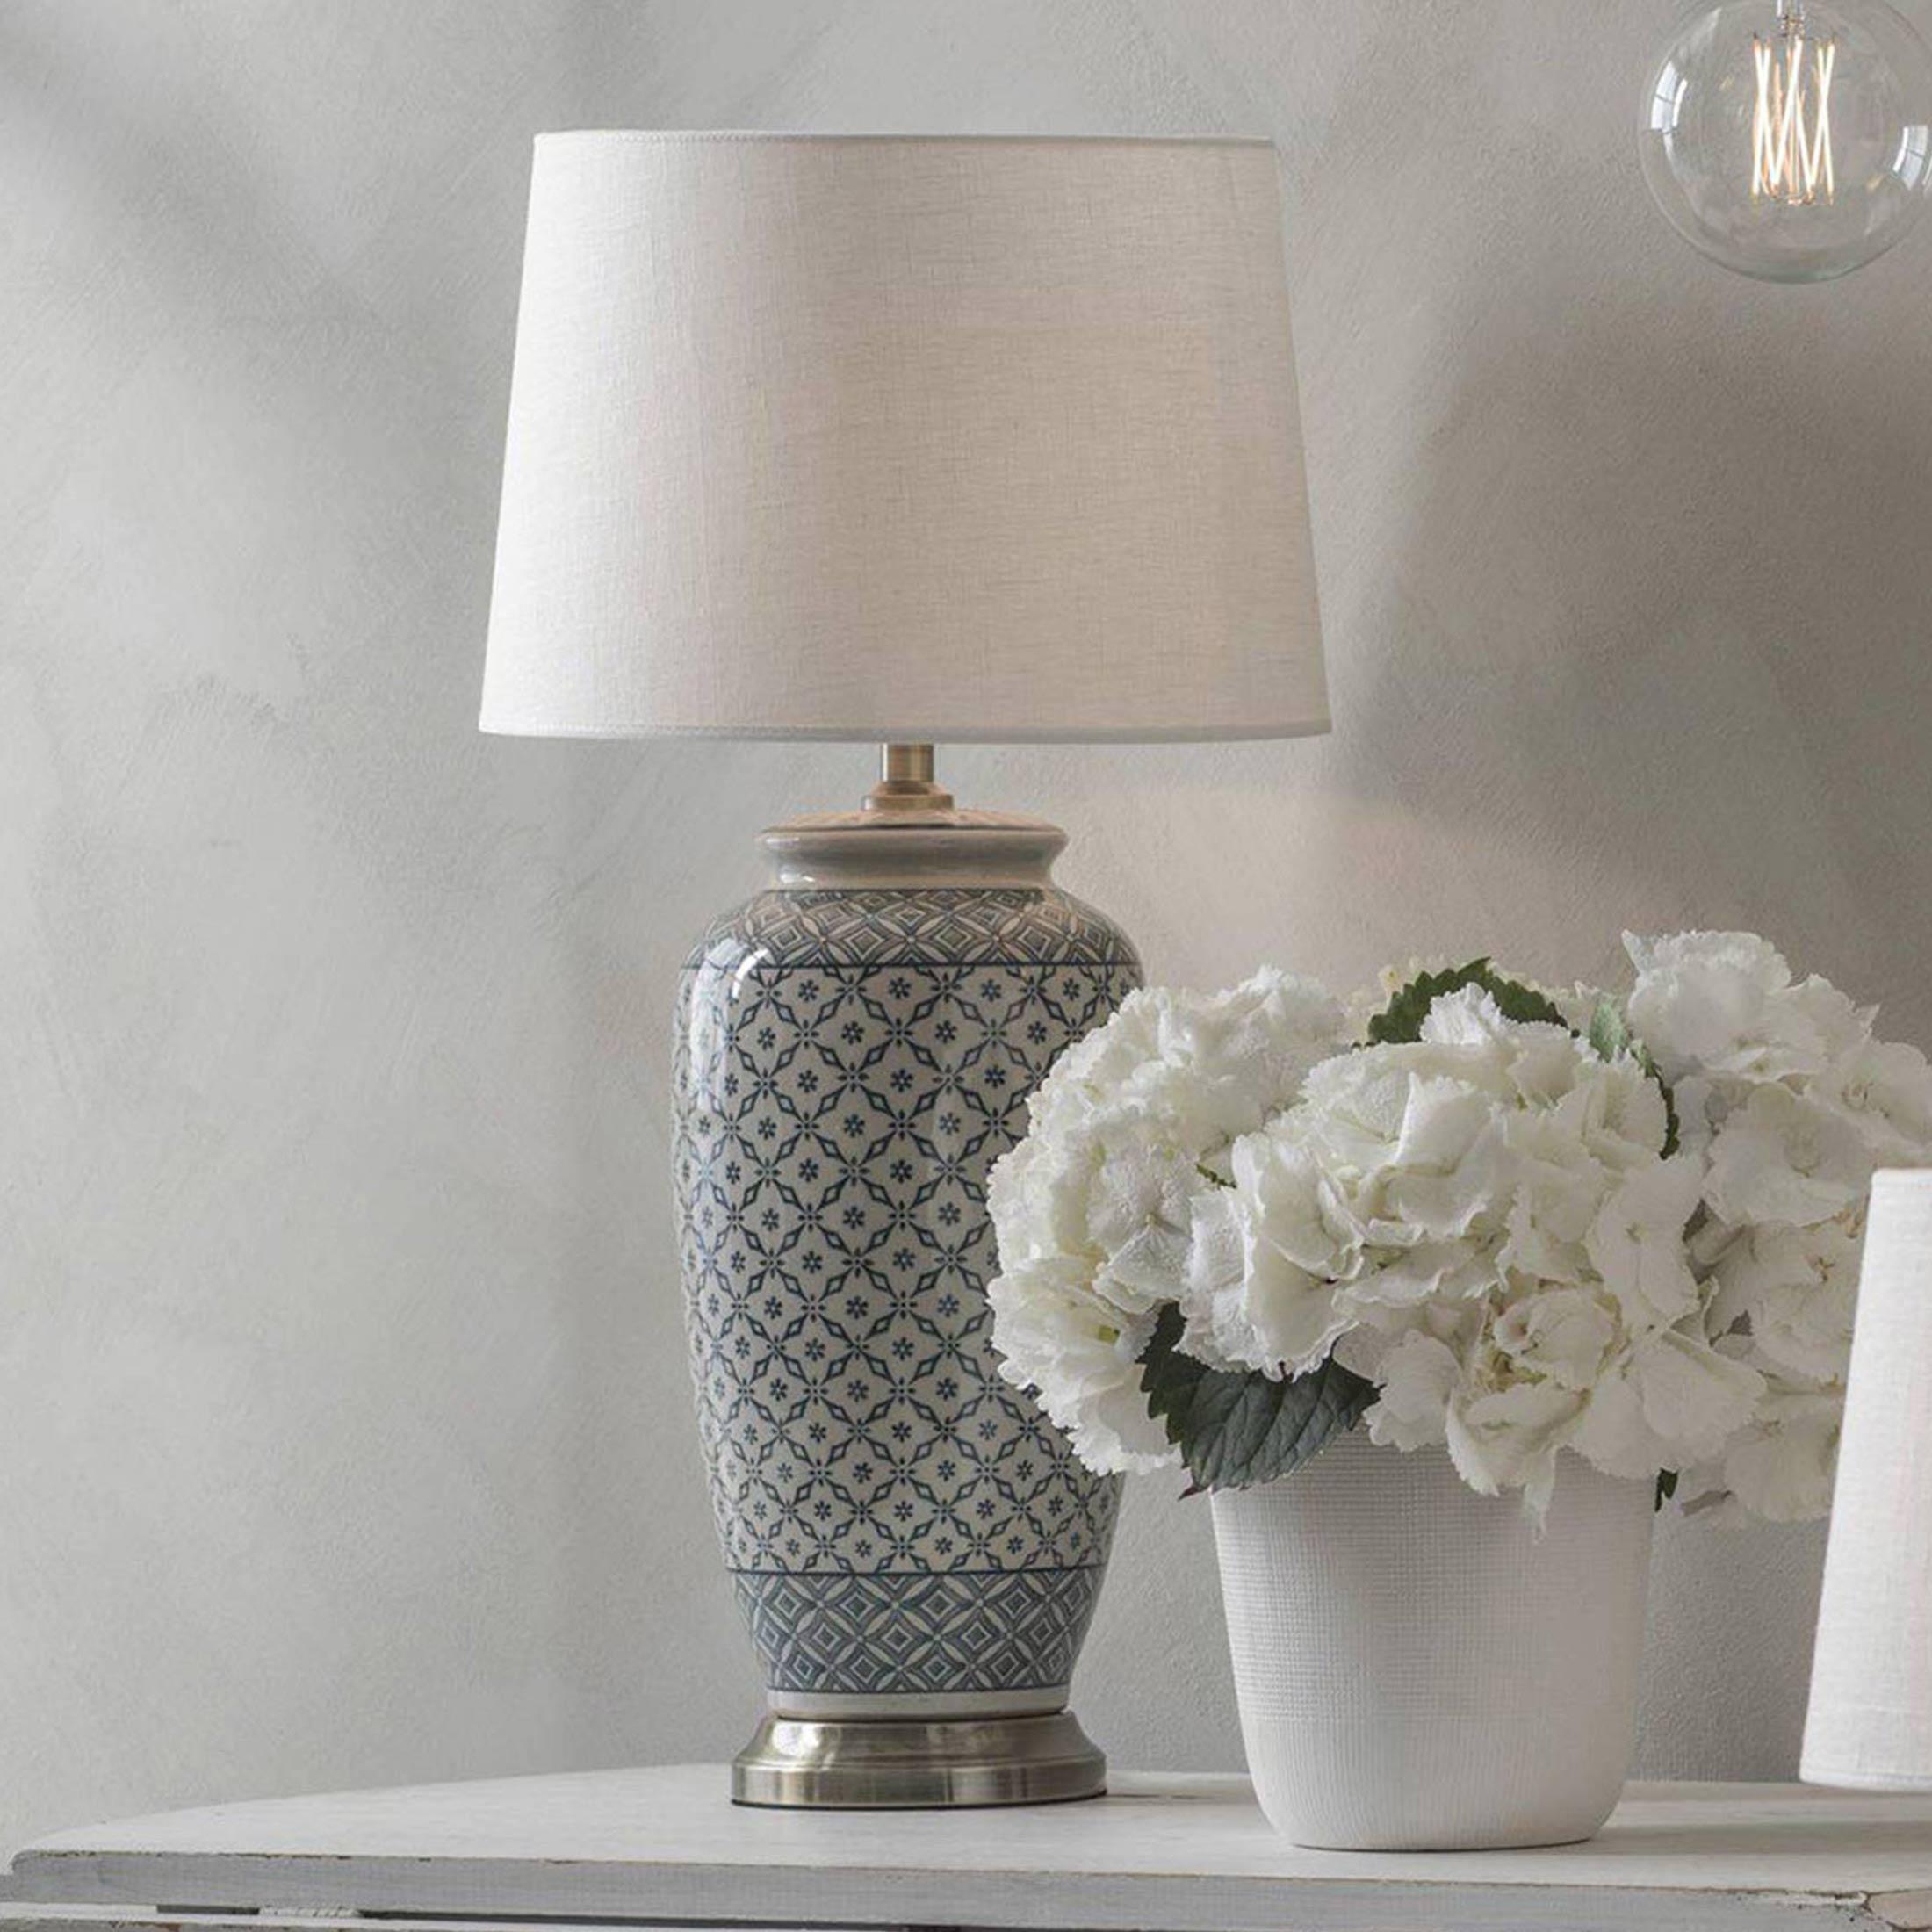 Chinesische Vasen Lampe aus Keramik in Blau von der Marke PR Home. Tischlampe mit Lampenschirm im chinesischen Wohnstil von Soulbirdee